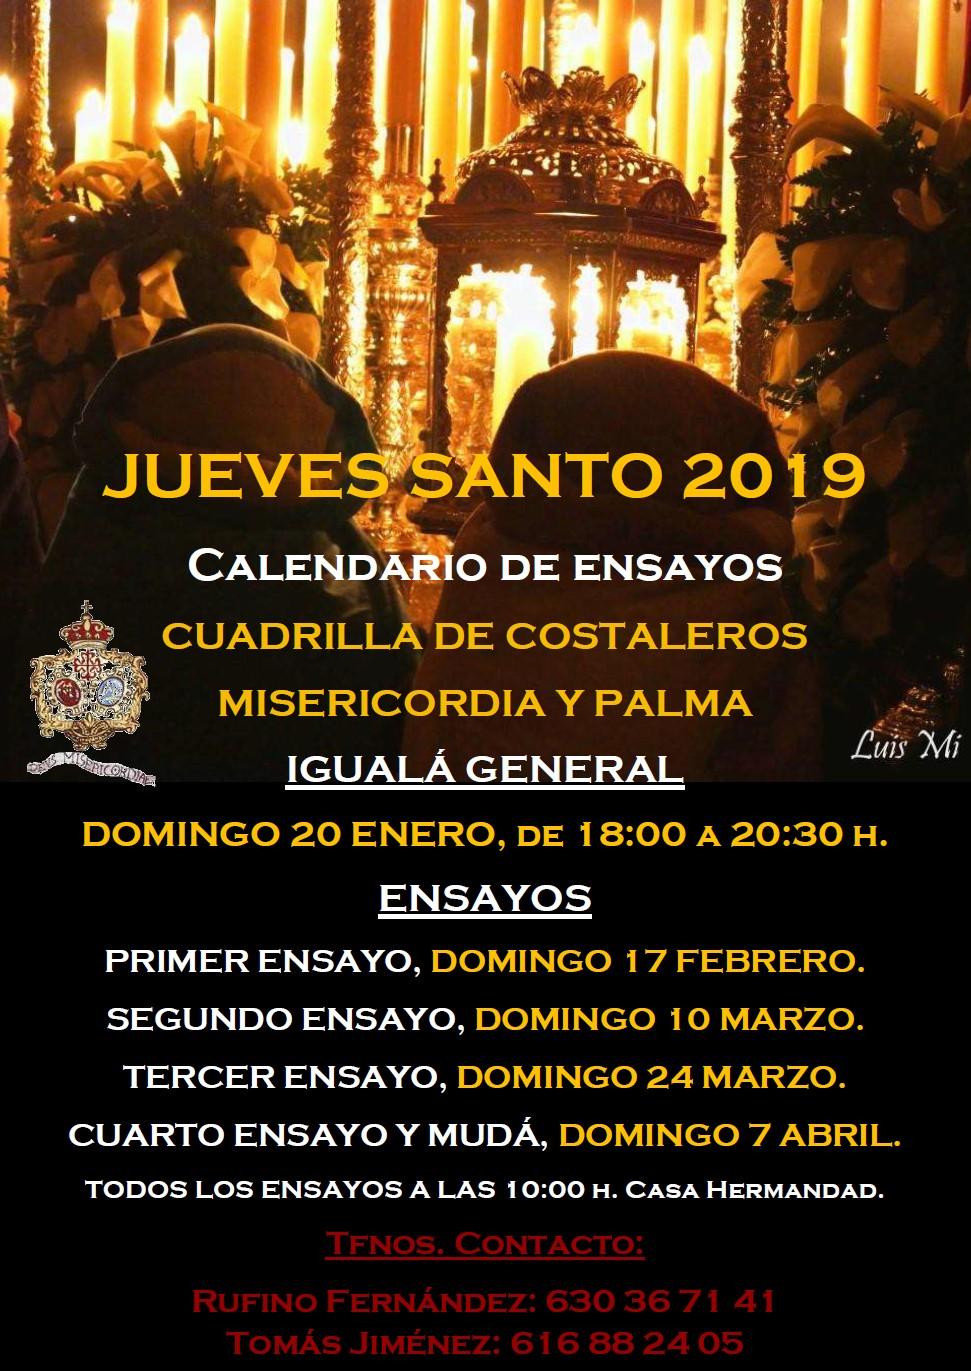 Calendario de ensayos costaleros Misericordia y Palma, Jueves Santo 2019.